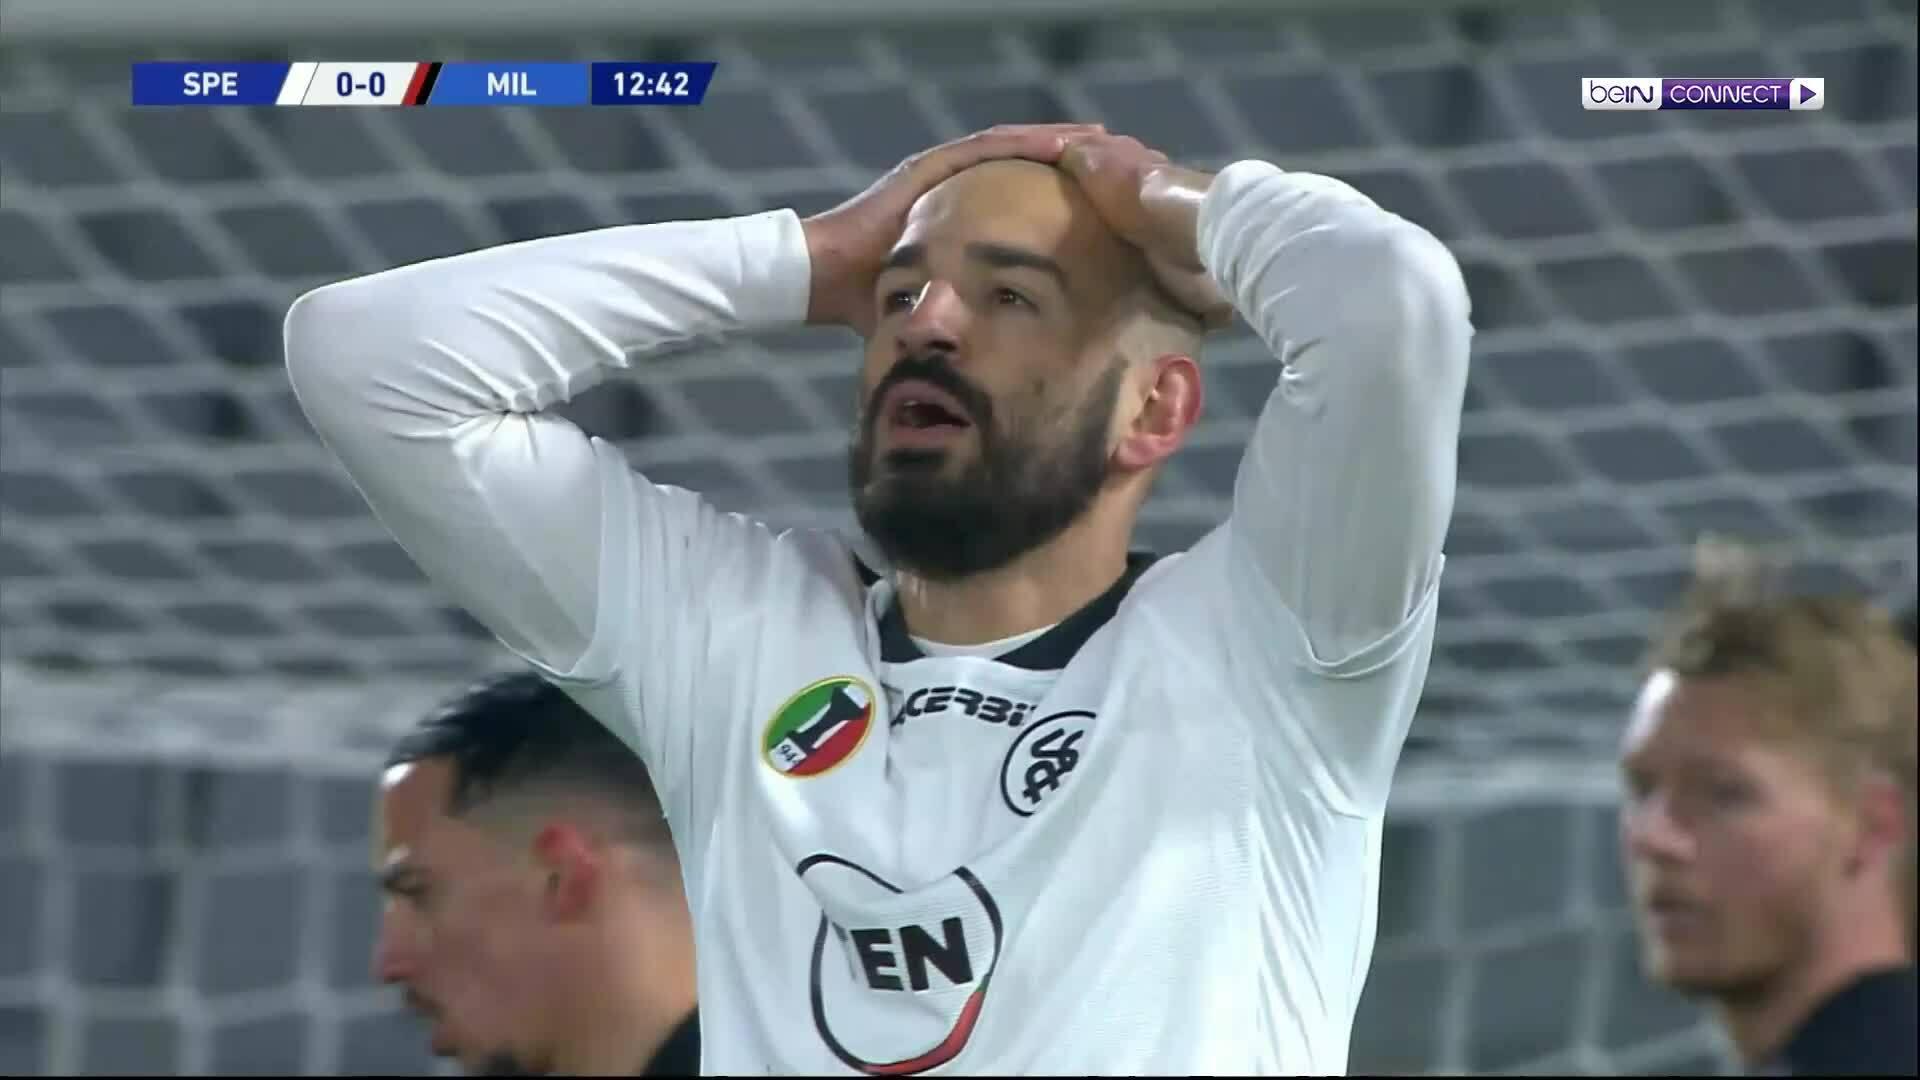 Spezia 2-0 Milan